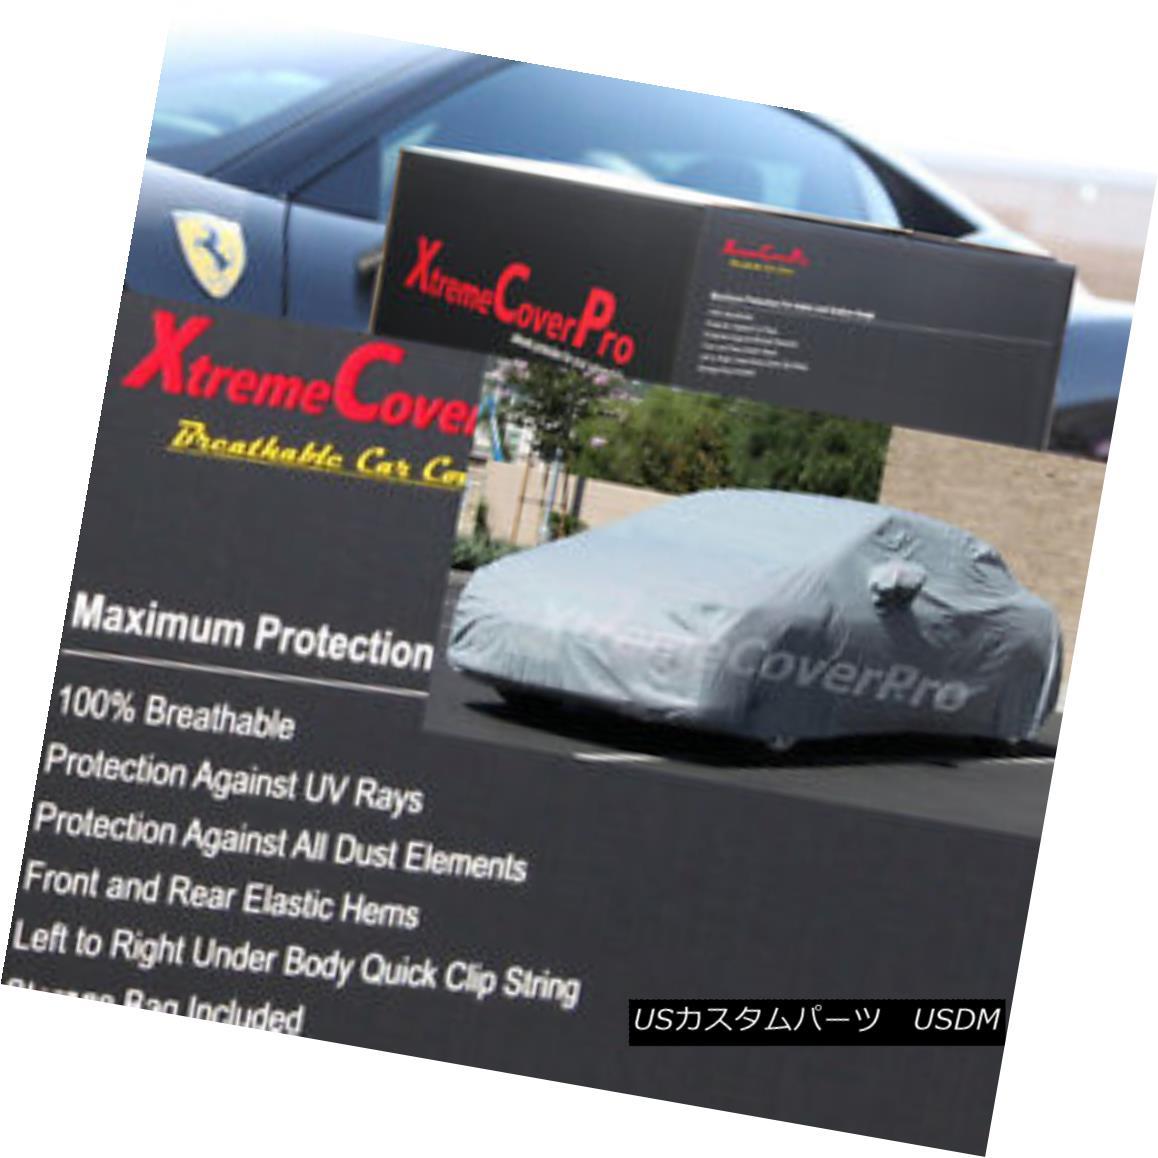 カーカバー 2013 Mercedes CL550 CL600 CL63 CL65 Breathable Car Cover w/MirrorPocket 2013年メルセデスCL550 CL600 CL63 CL65通気性車カバー付きMirrorPocket